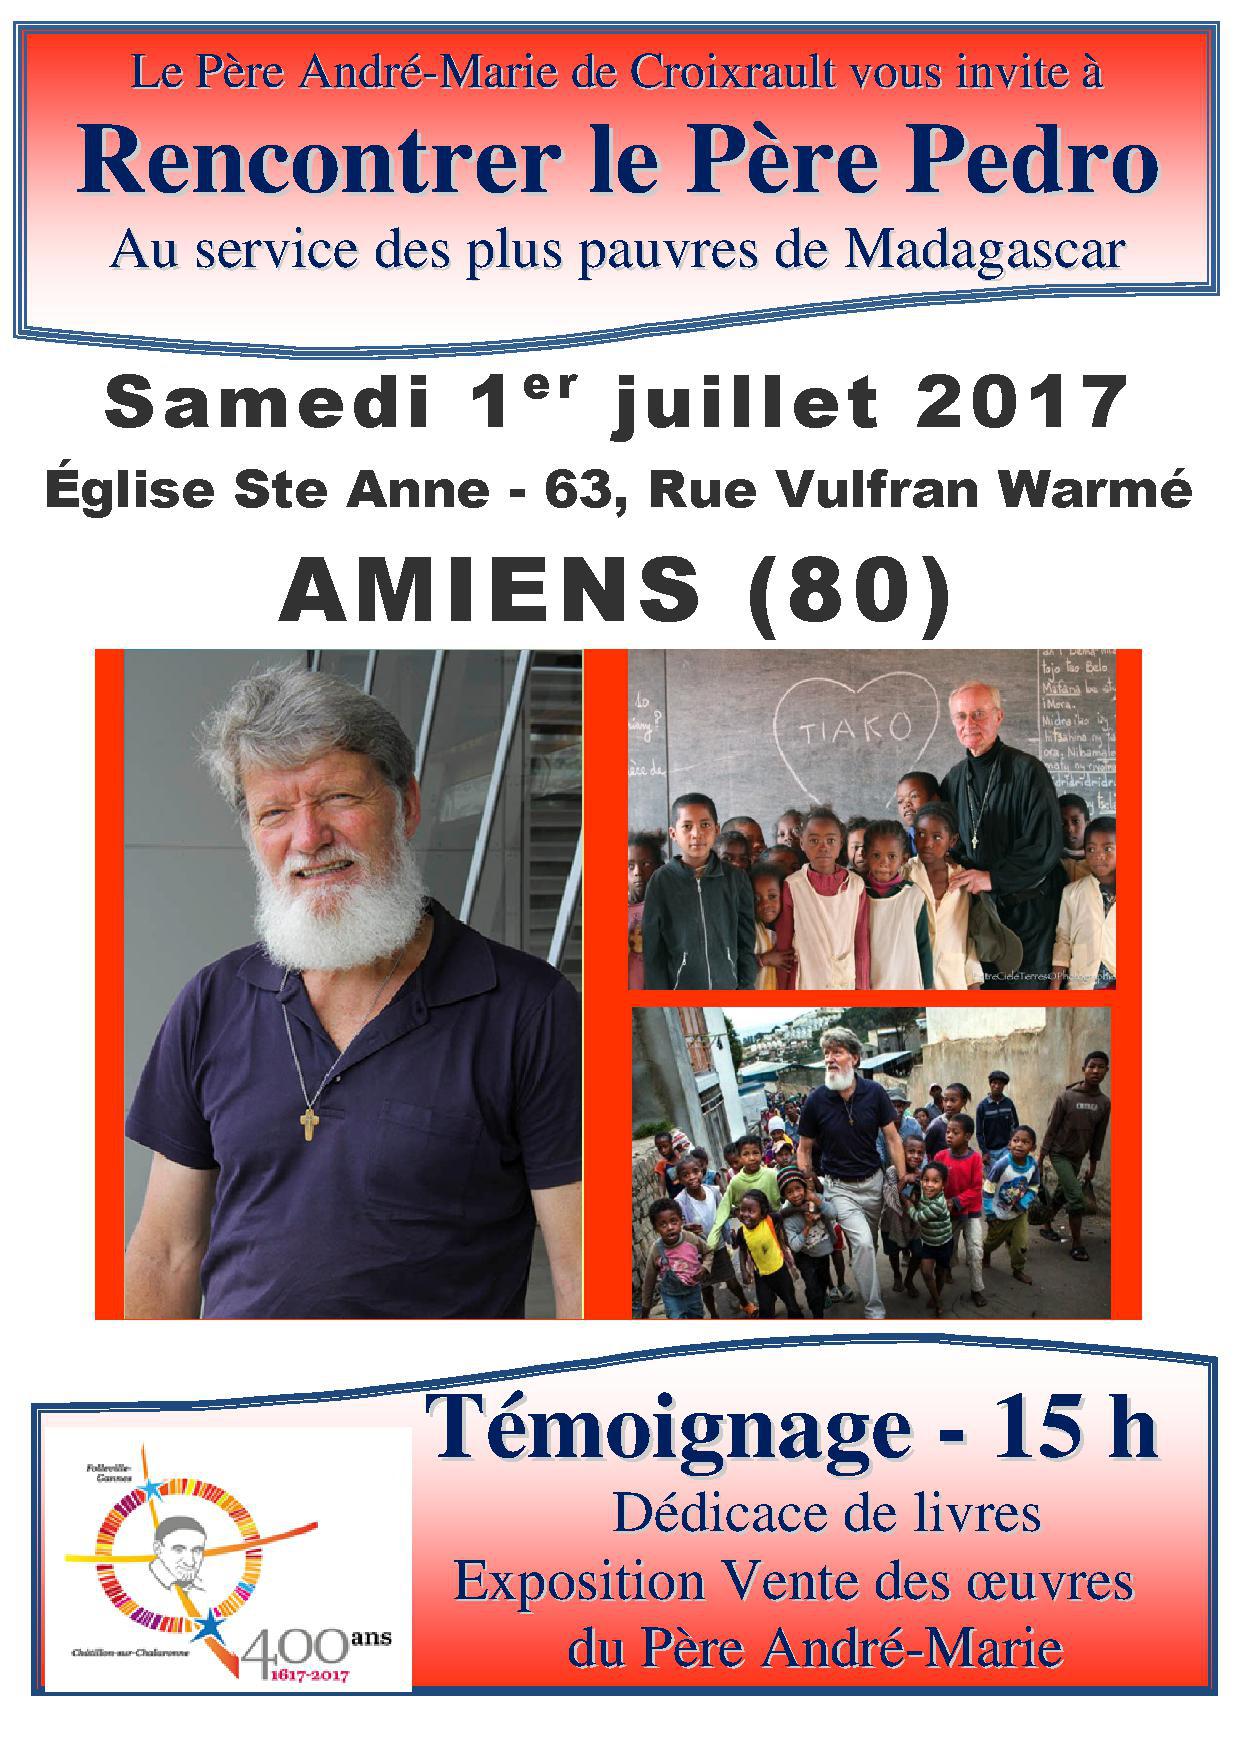 07 - 01-07-2017 - AMIENS